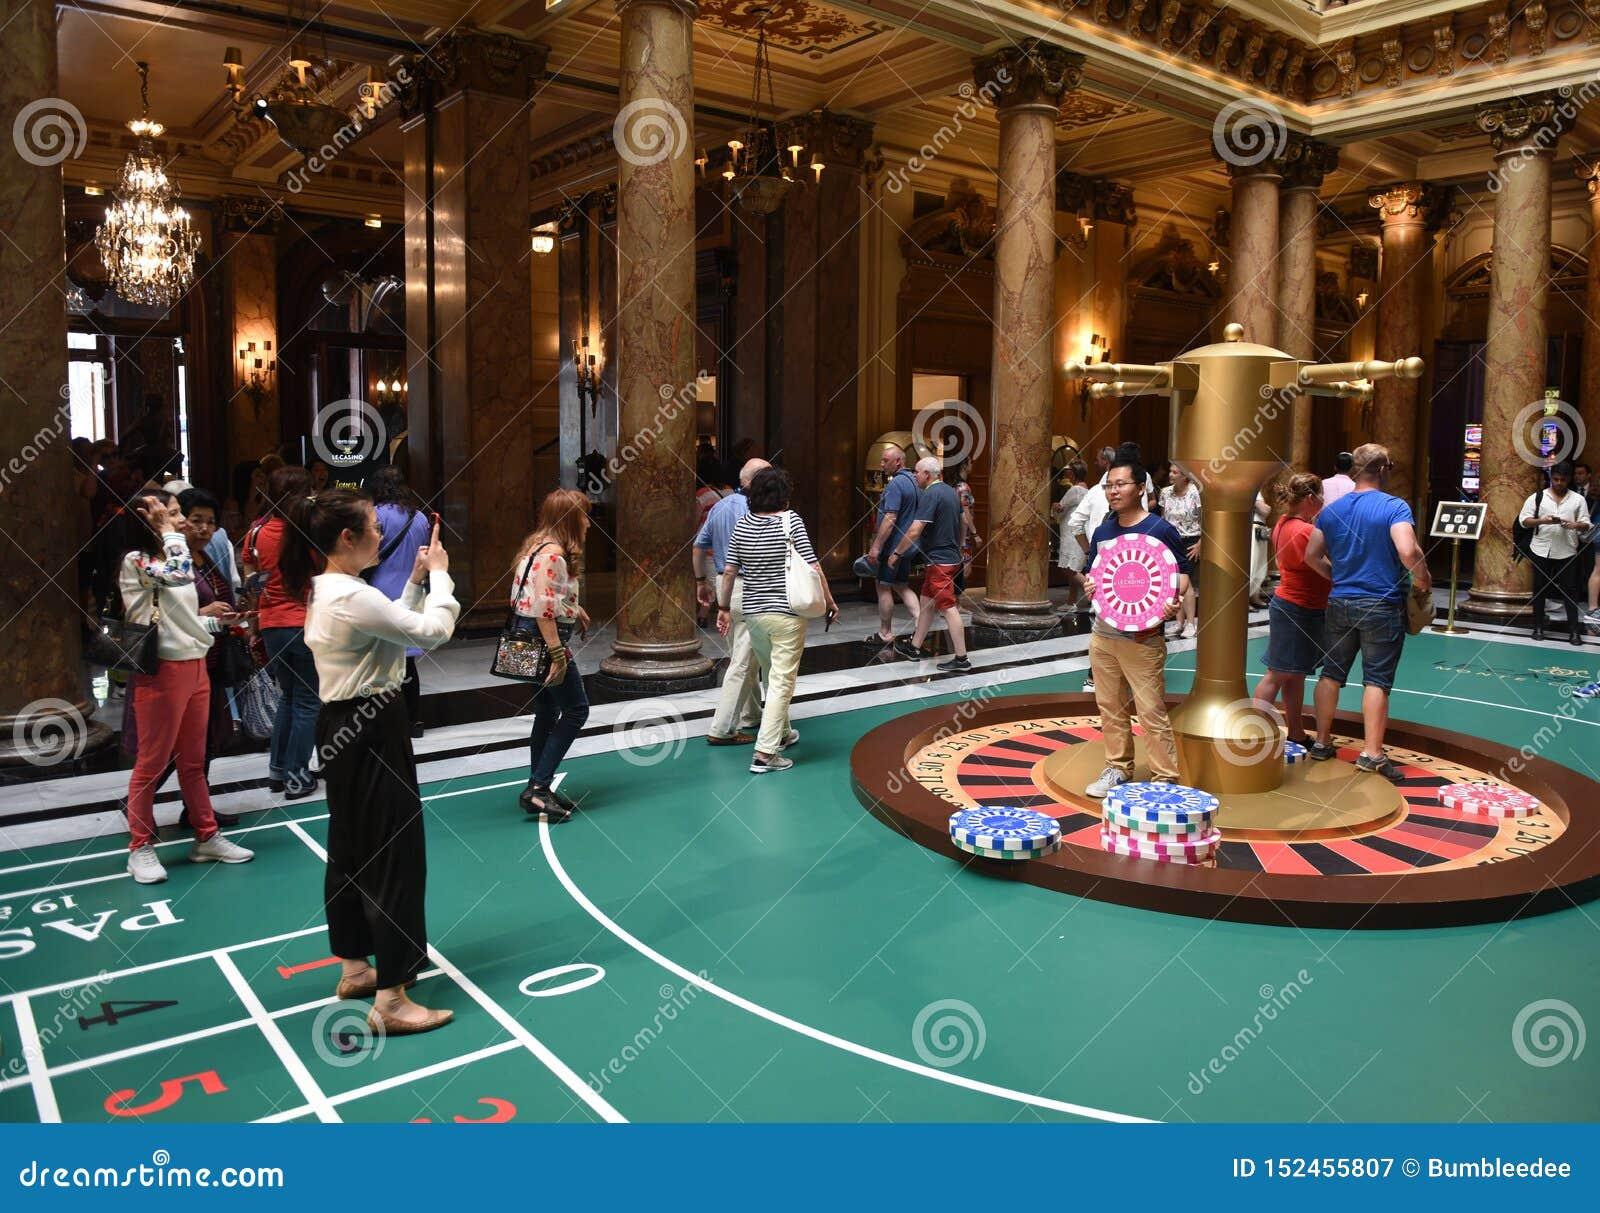 Monte Carlo Casino >> Monaco June 23 2019 Tourists Inside The Monte Carlo